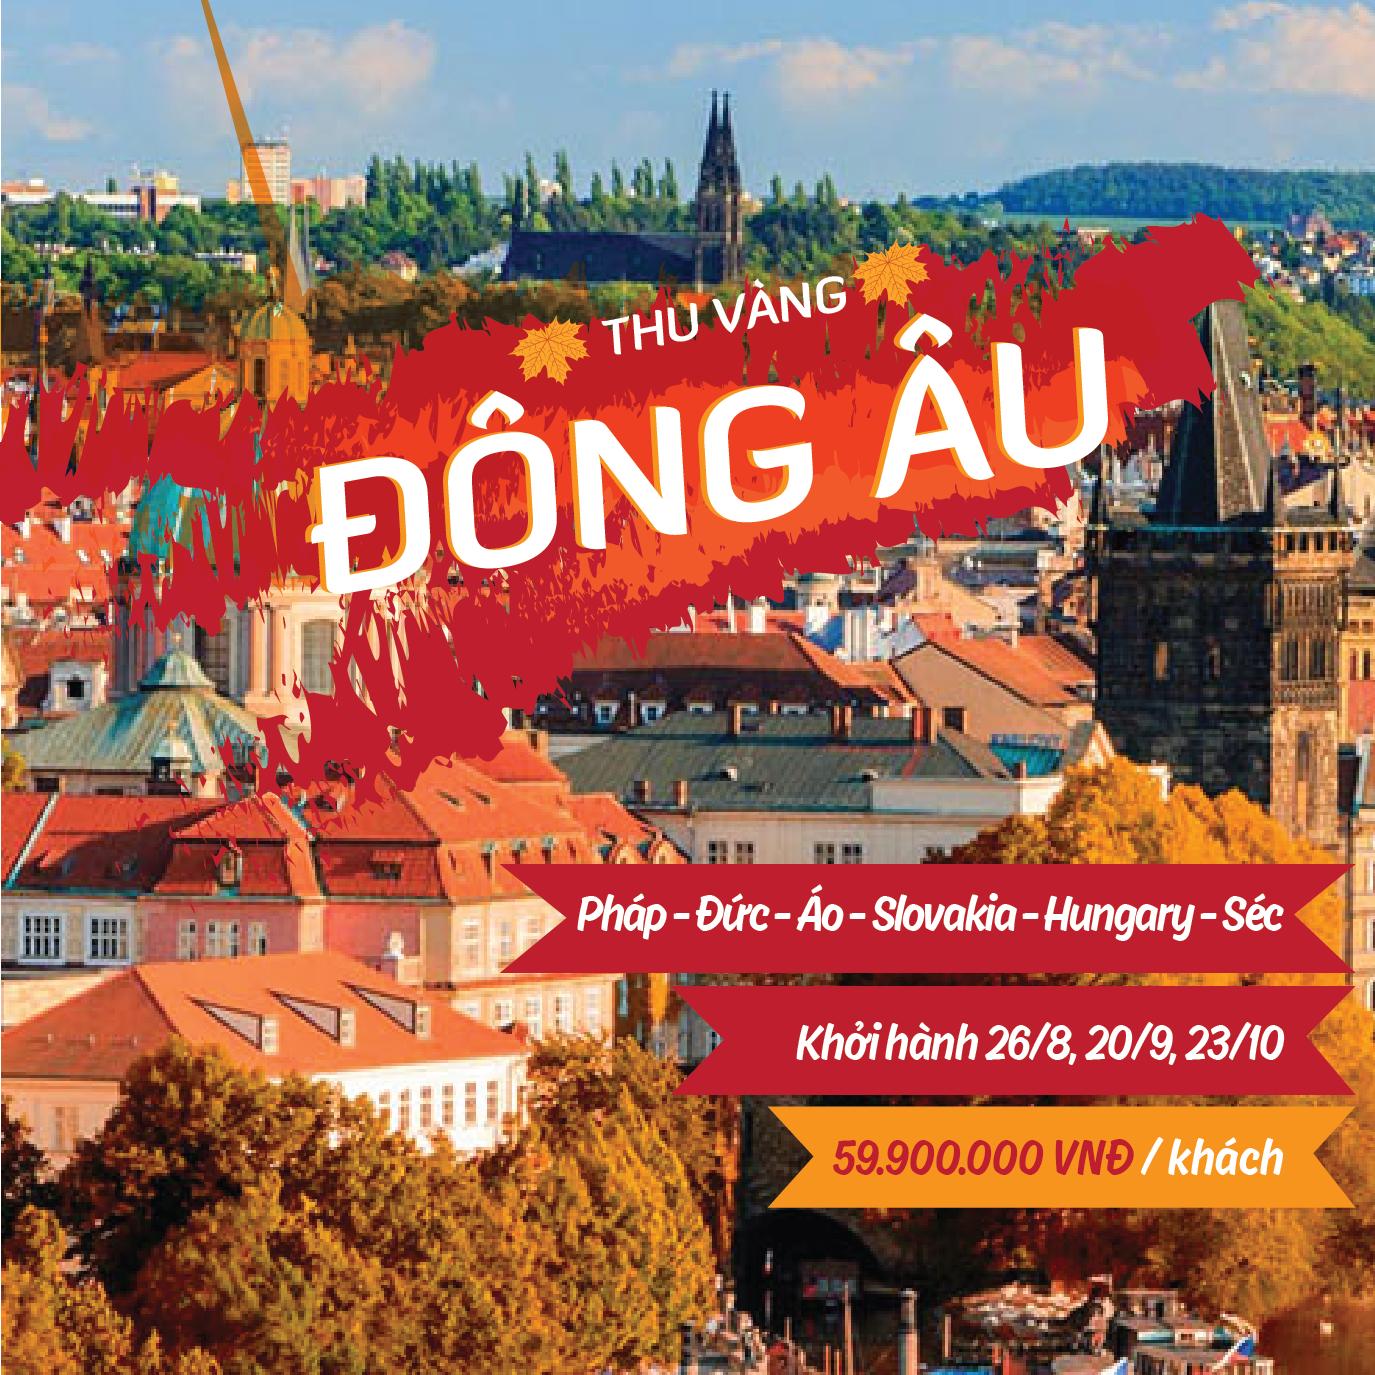 TOUR 2018 PHÁP – ĐỨC – ÁO – HUNGARY – SLOVAKIA – SÉC